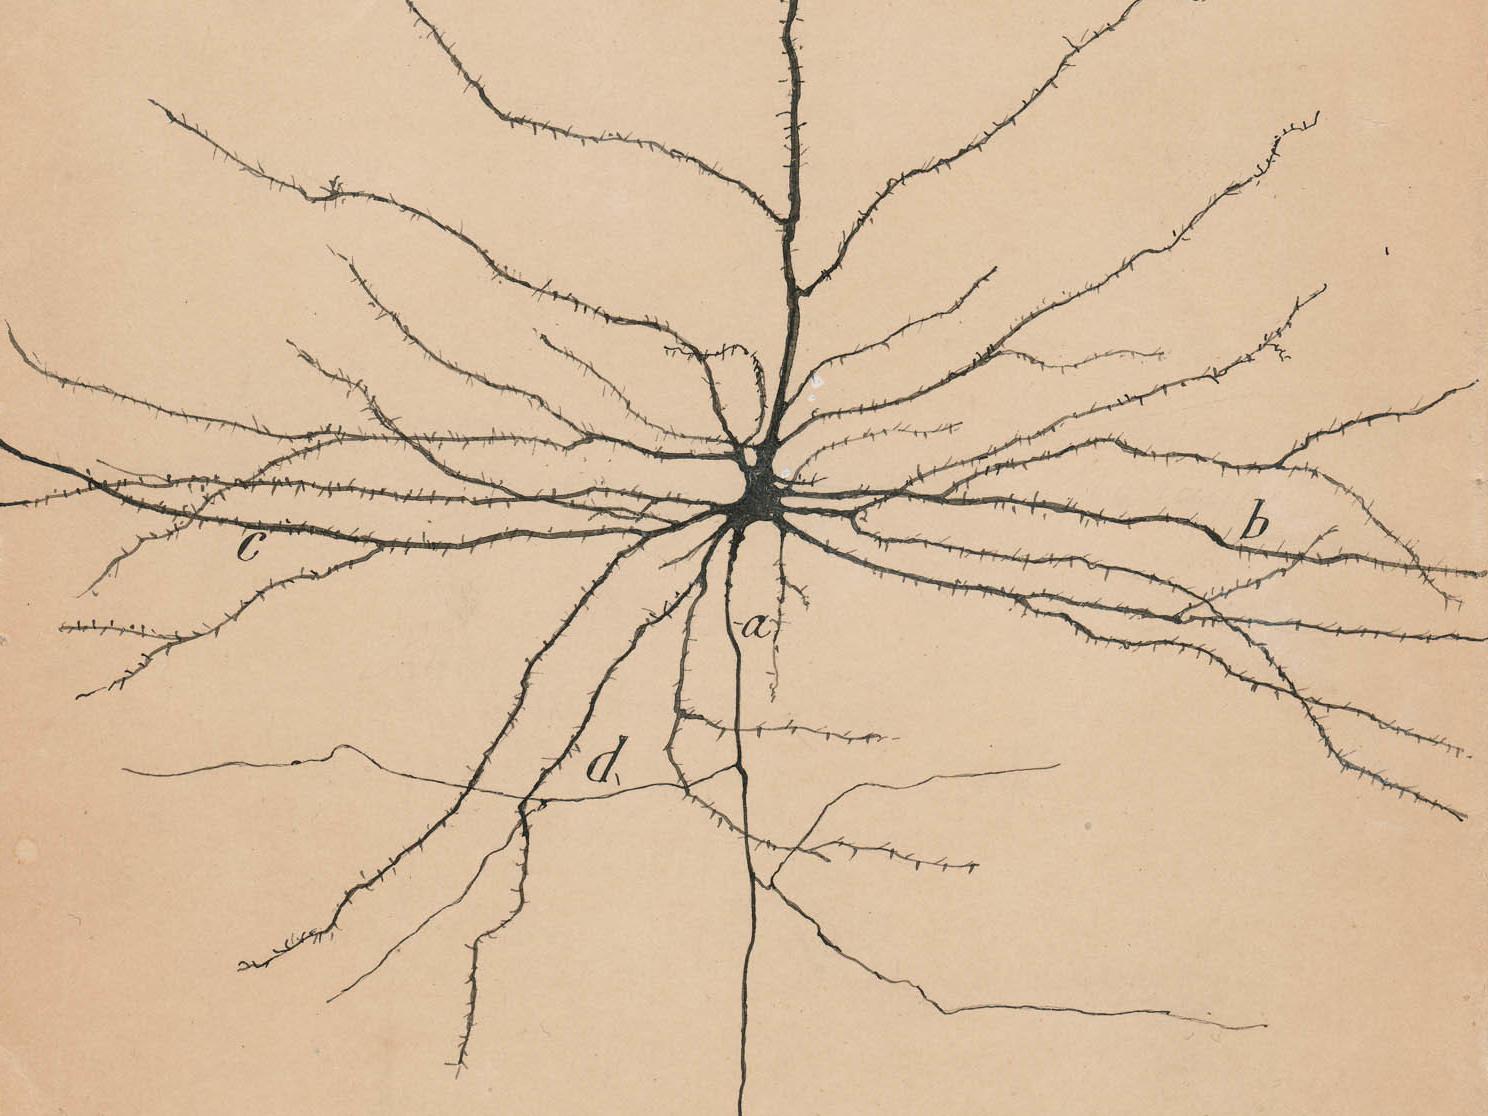 ArtStation - Neural Pathways (Stills from movie), Alexey ... |Neurons Art